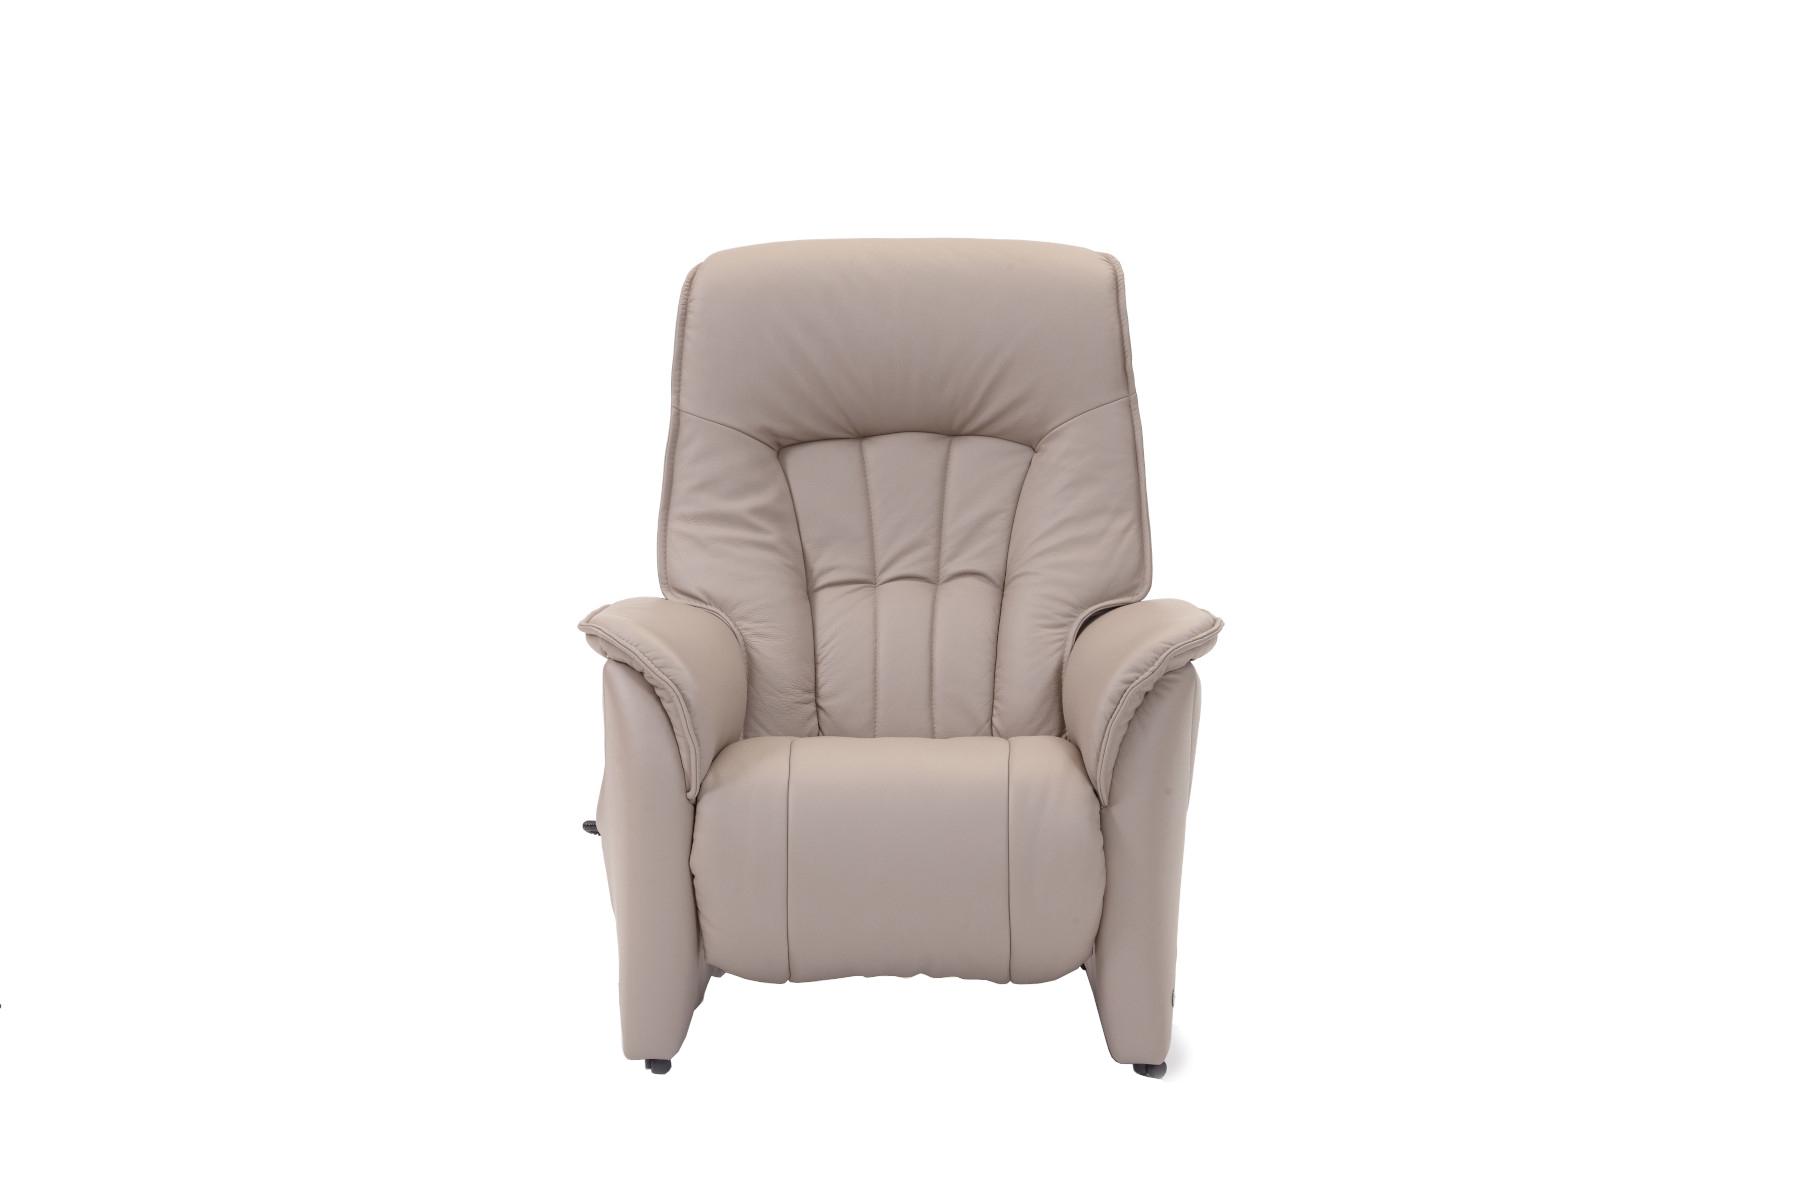 Himolla Cumuly Rhine Chair